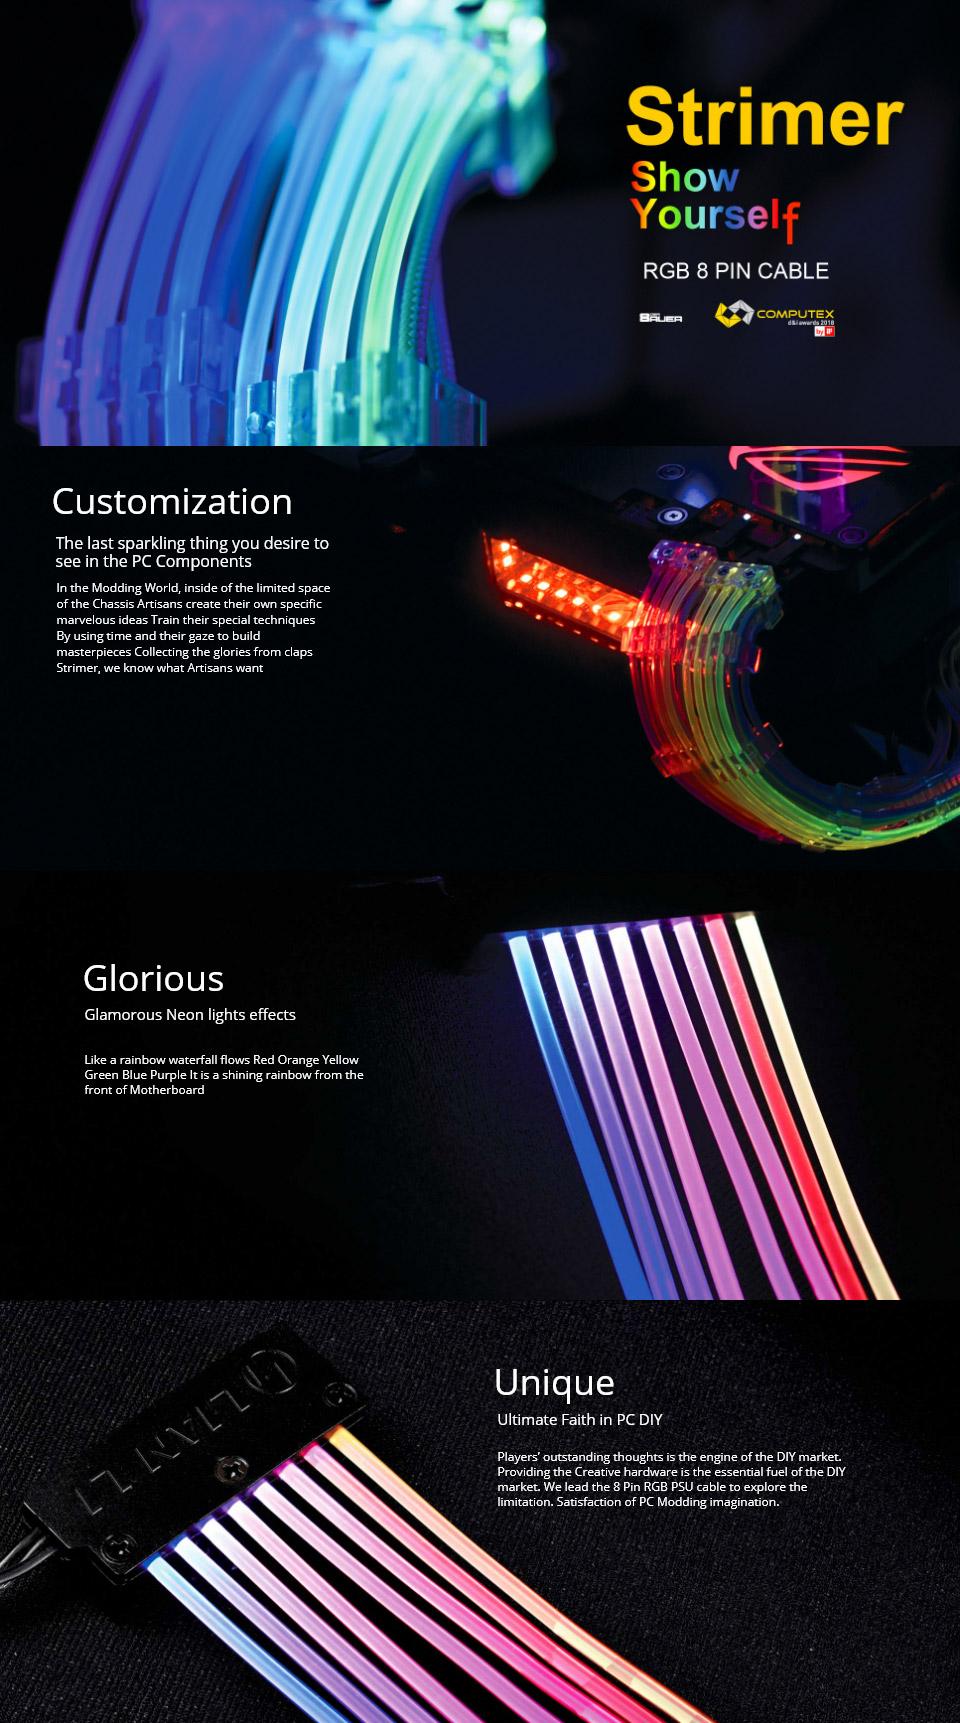 Lian Li Strimer 8 Pin RGB Cable